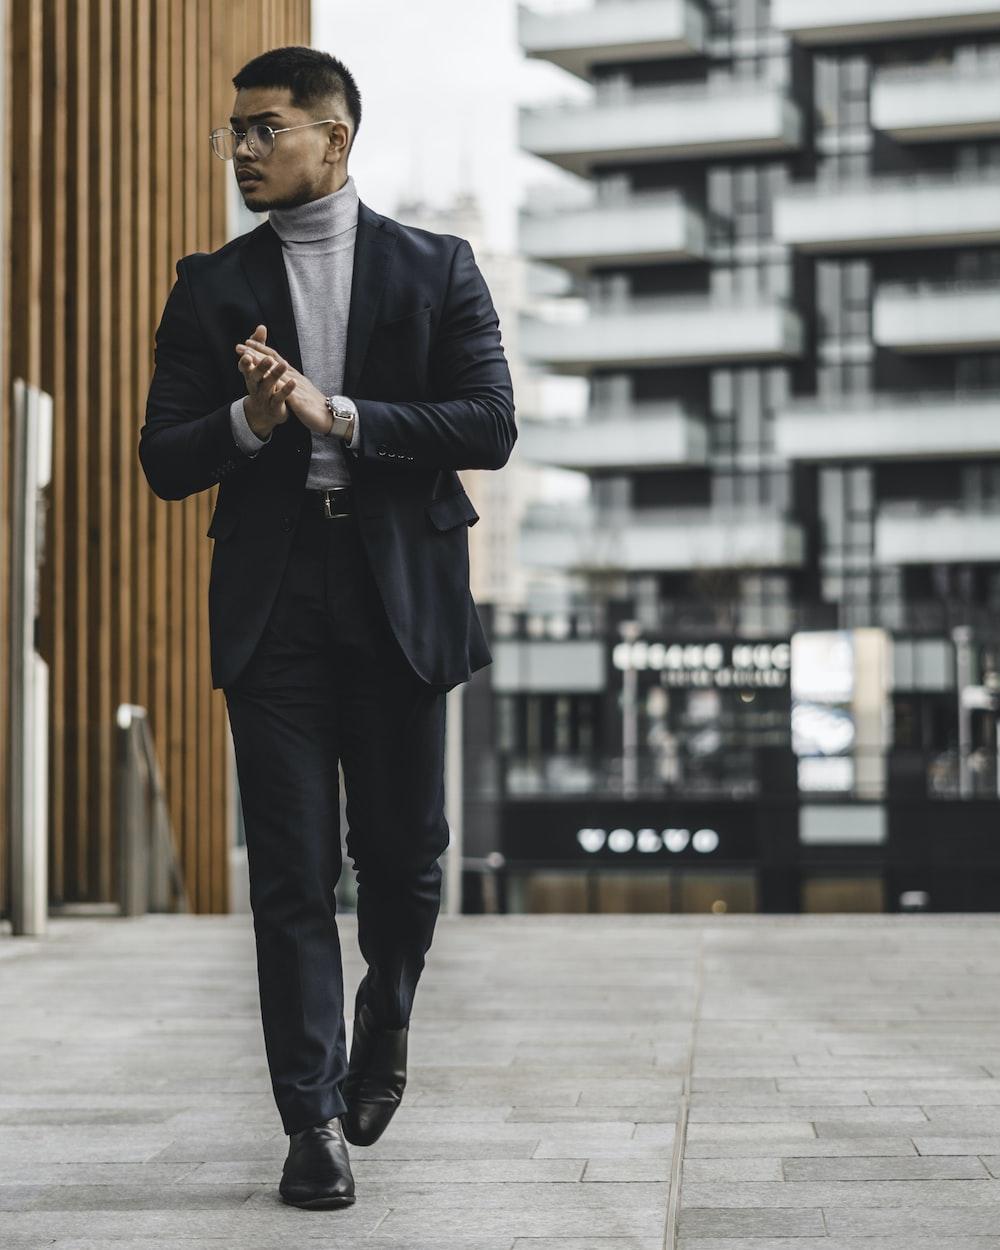 昼間の歩道に立っている黒いスーツの男